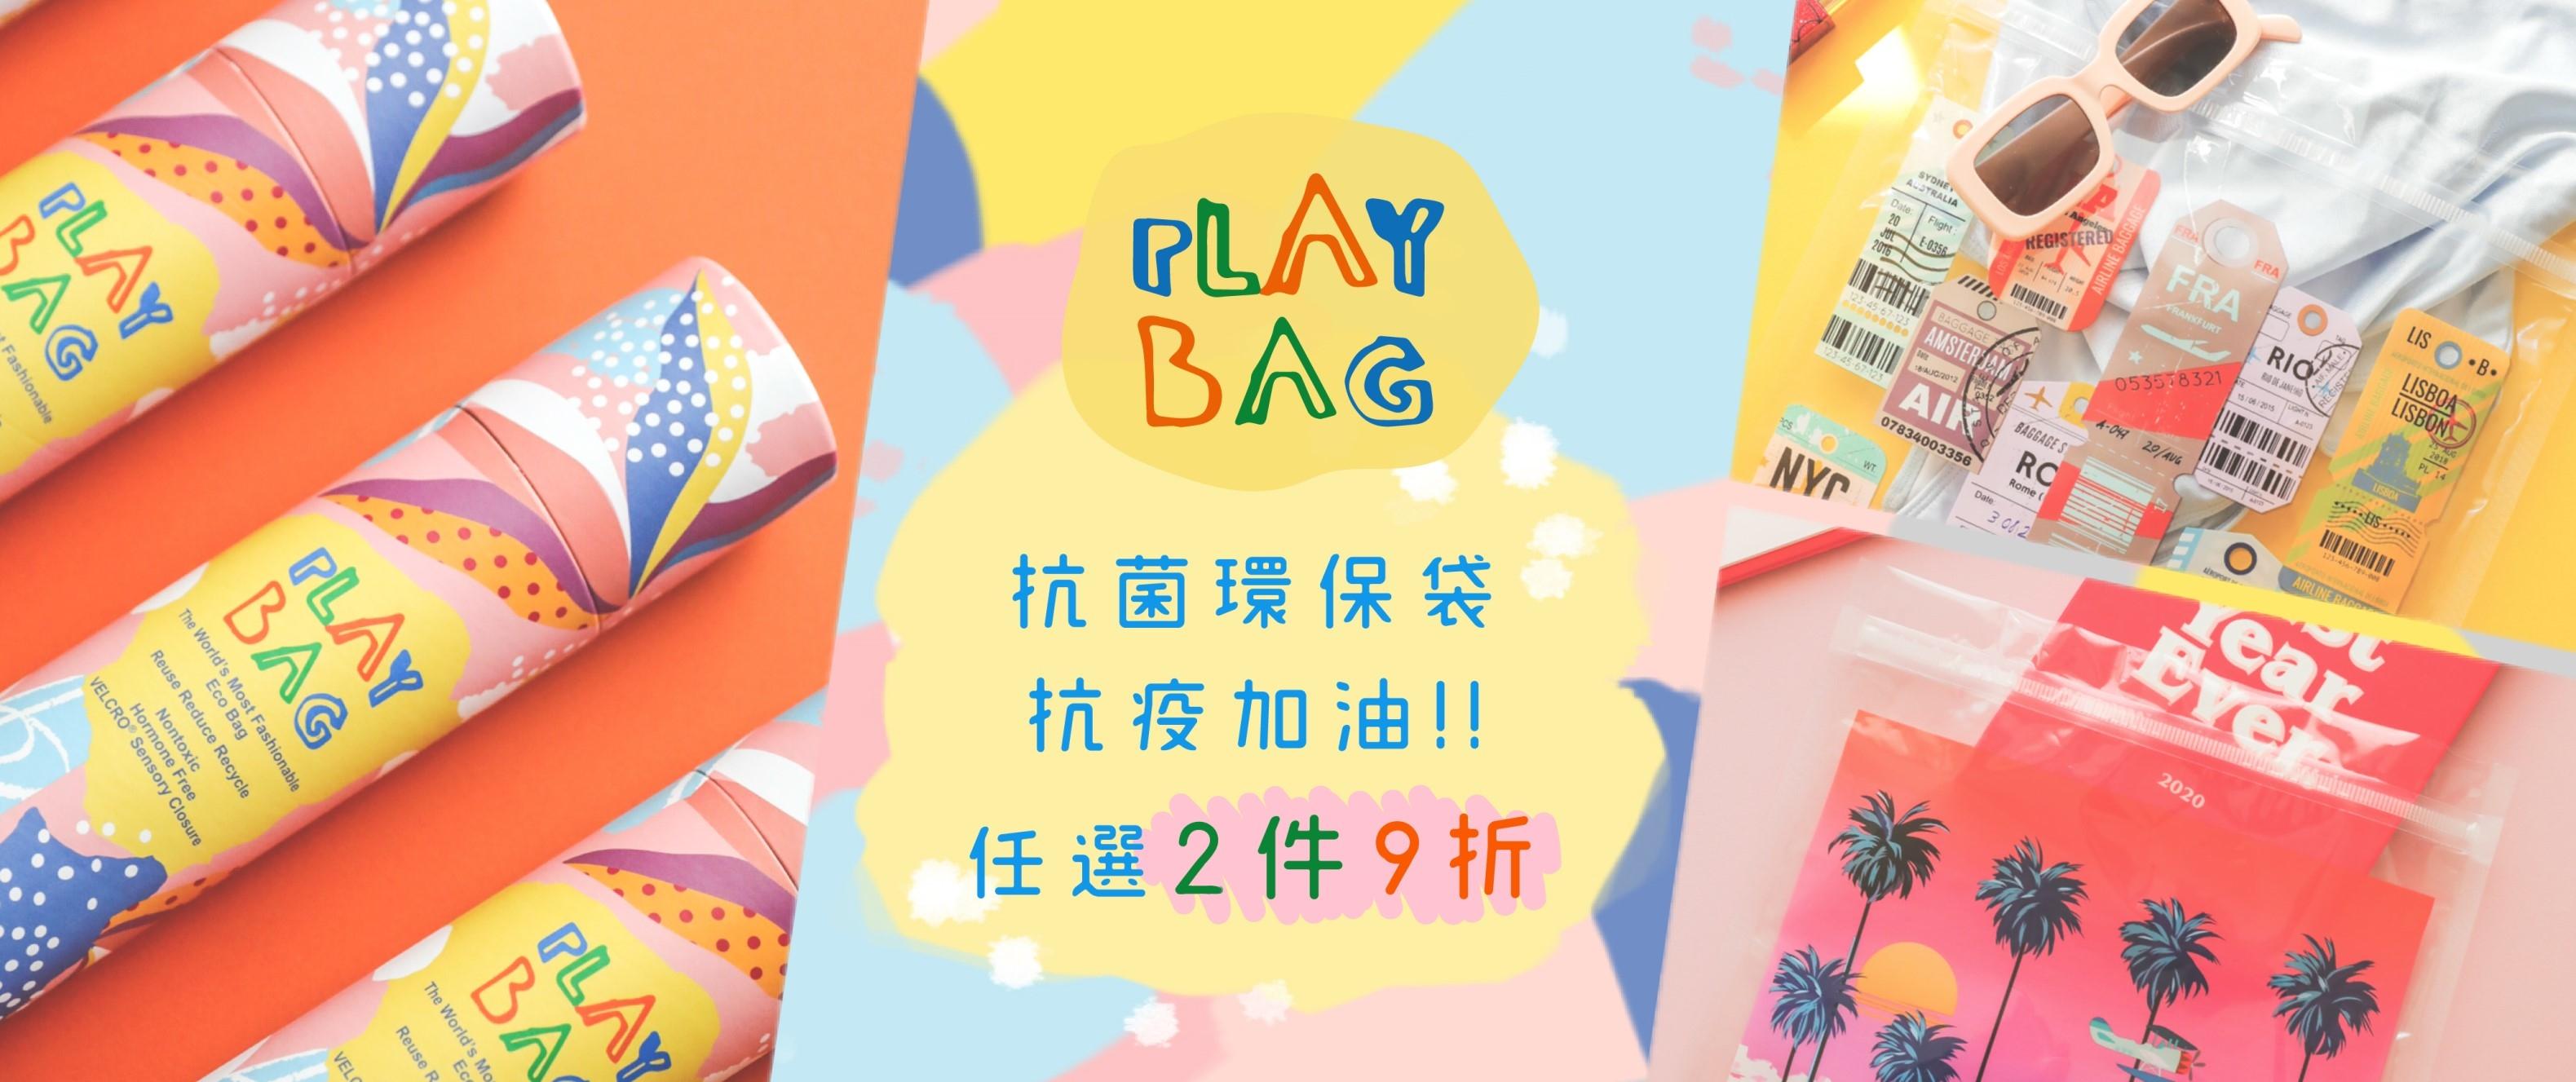 playbag, 瘋狂小袋, zipper bag, 密實袋, 抗菌萬用袋